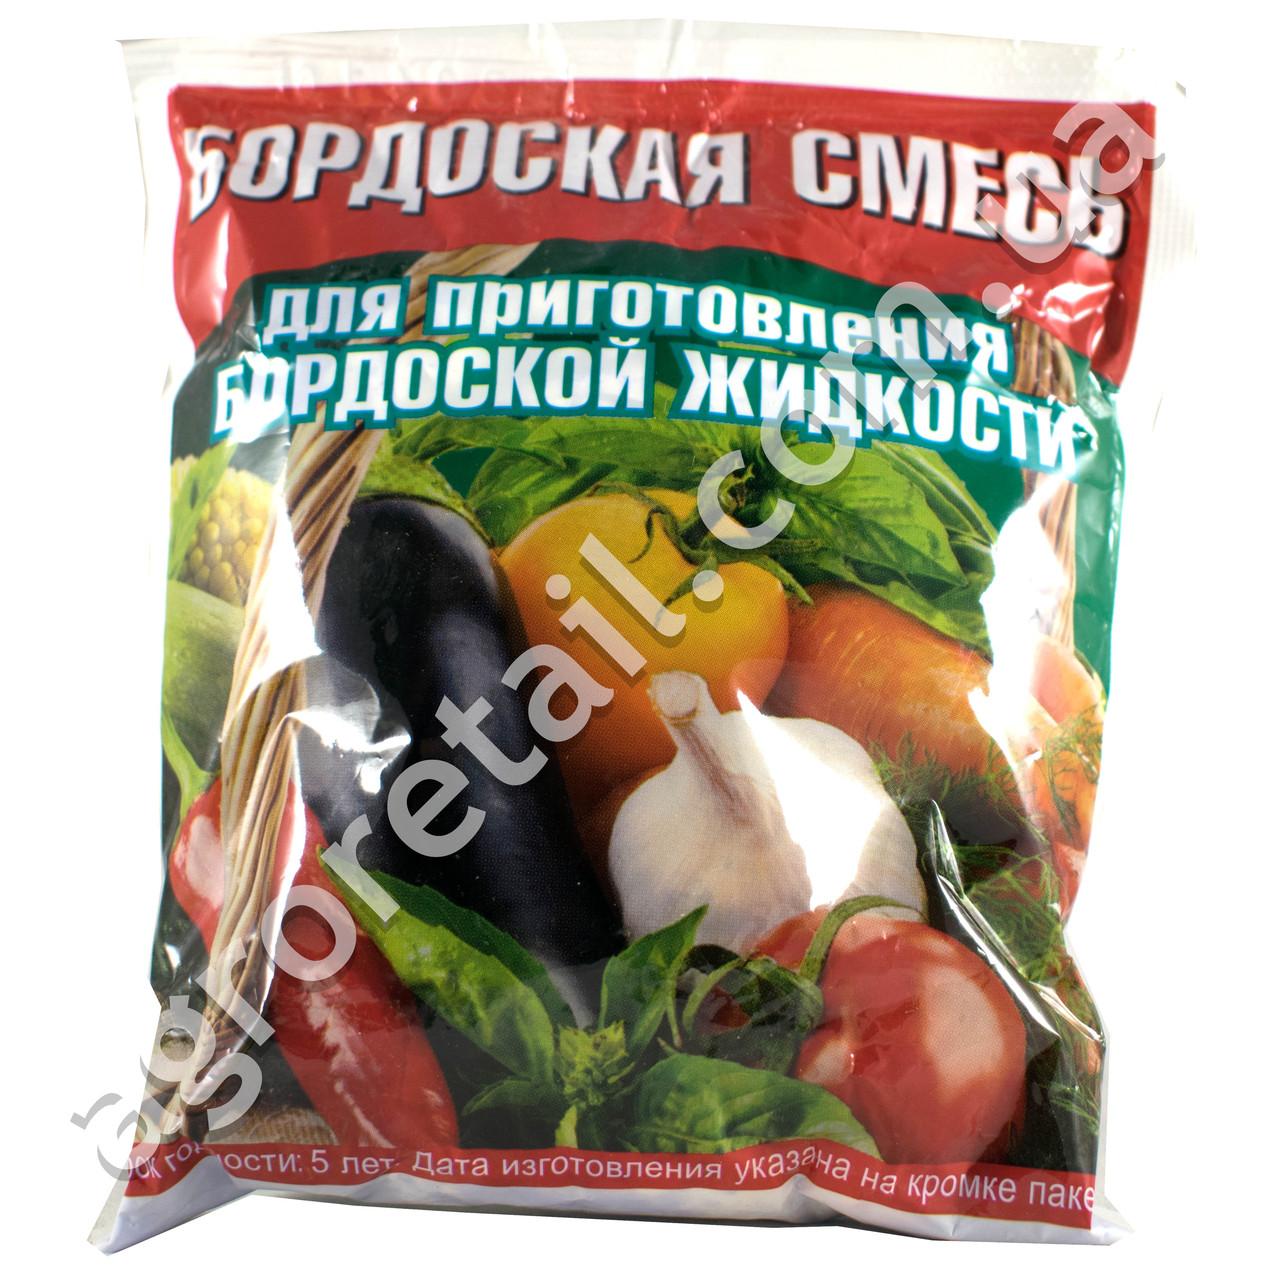 Волшебная грядка Бордосская смесь 1% 200 г - Agroretail.com.ua в Днепропетровской области